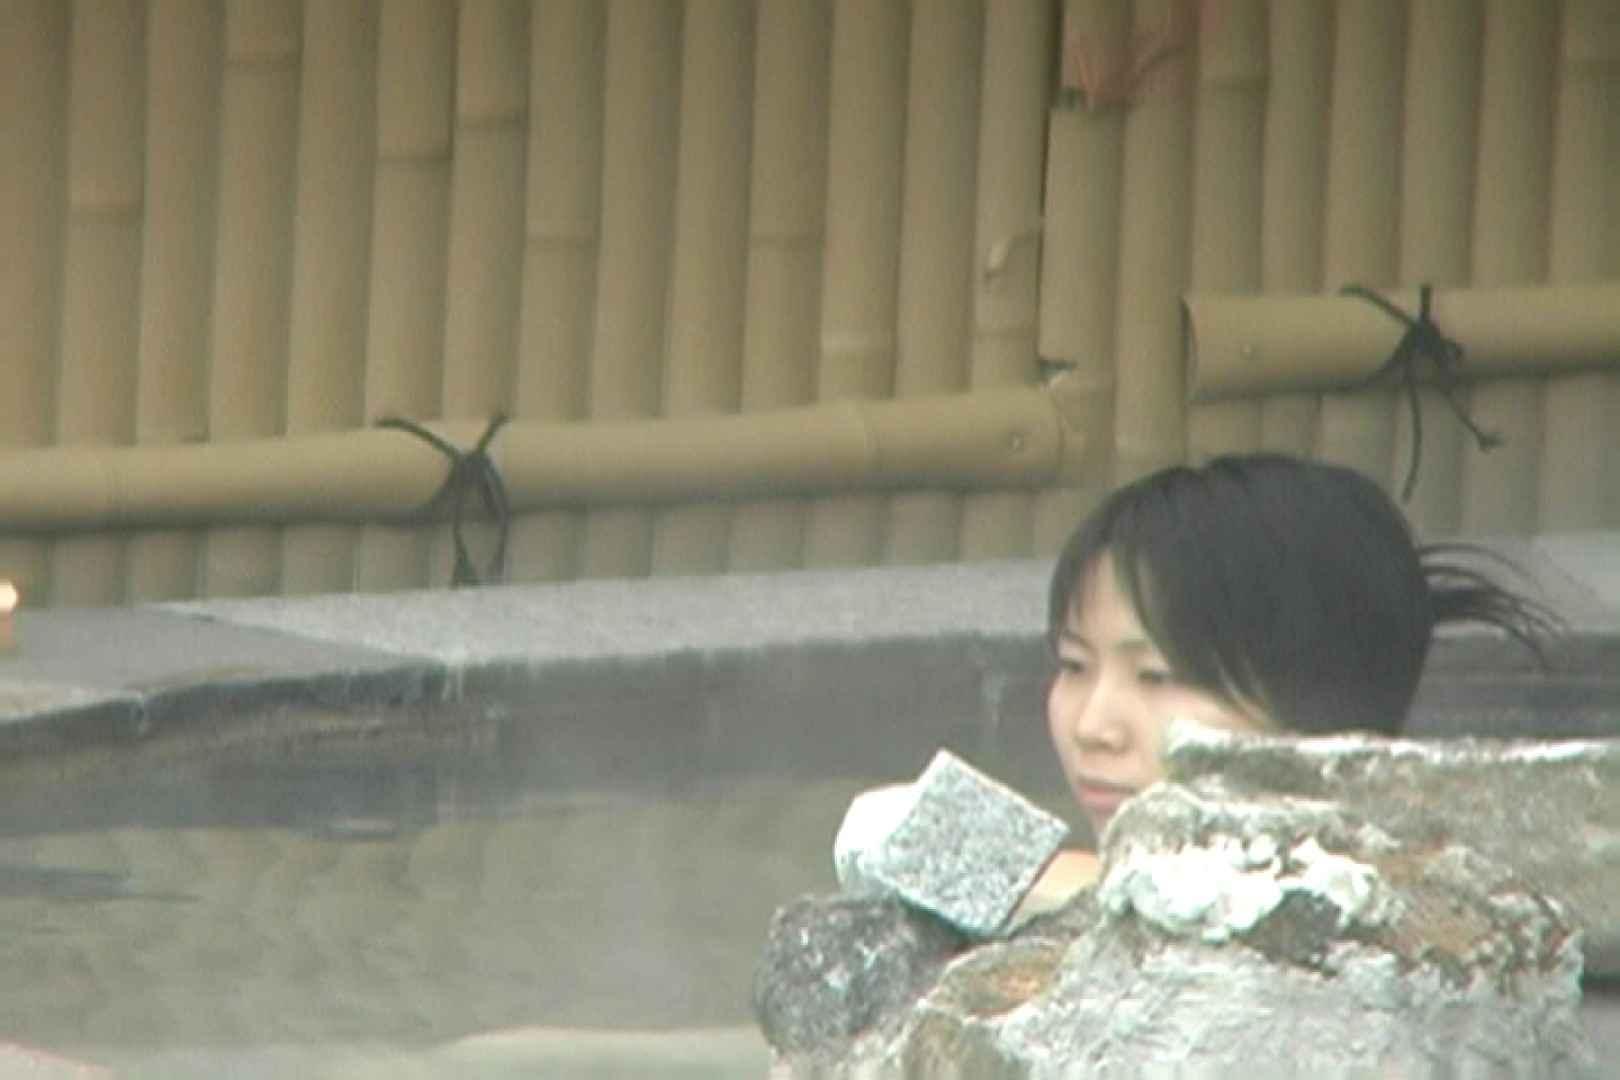 Aquaな露天風呂Vol.567 OLのエロ生活 覗きおまんこ画像 96連発 29